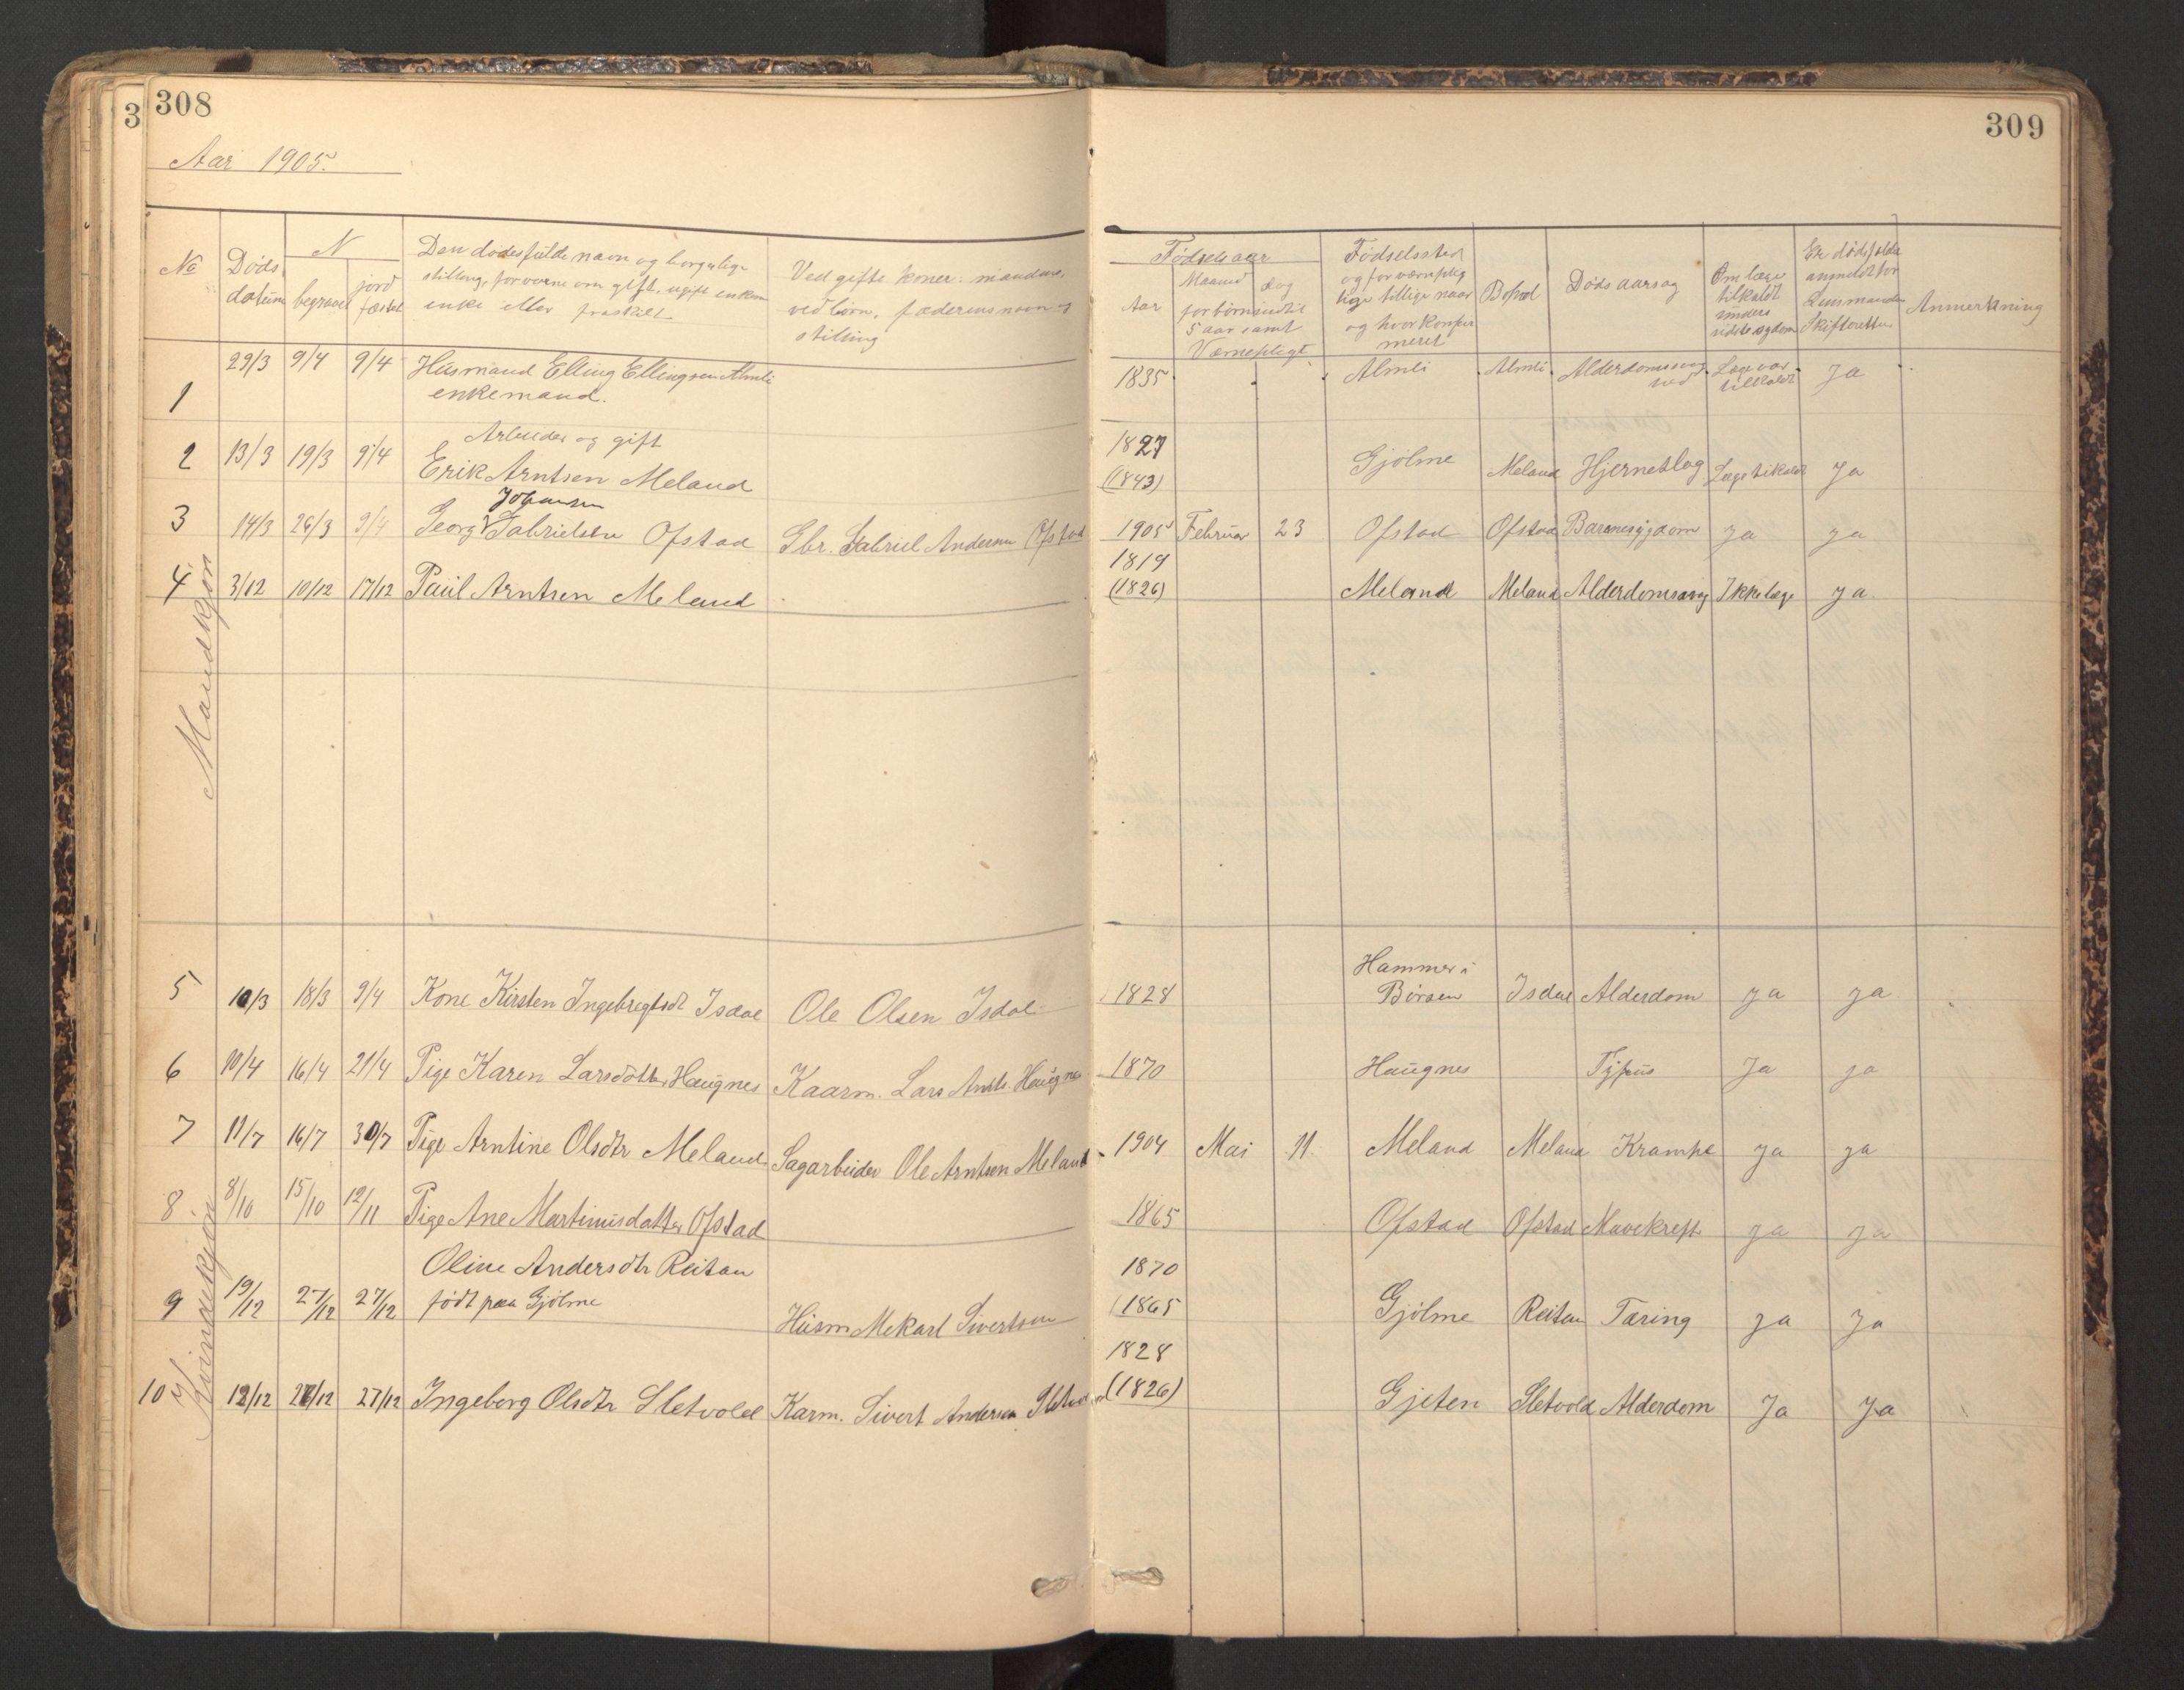 SAT, Ministerialprotokoller, klokkerbøker og fødselsregistre - Sør-Trøndelag, 670/L0837: Klokkerbok nr. 670C01, 1905-1946, s. 308-309